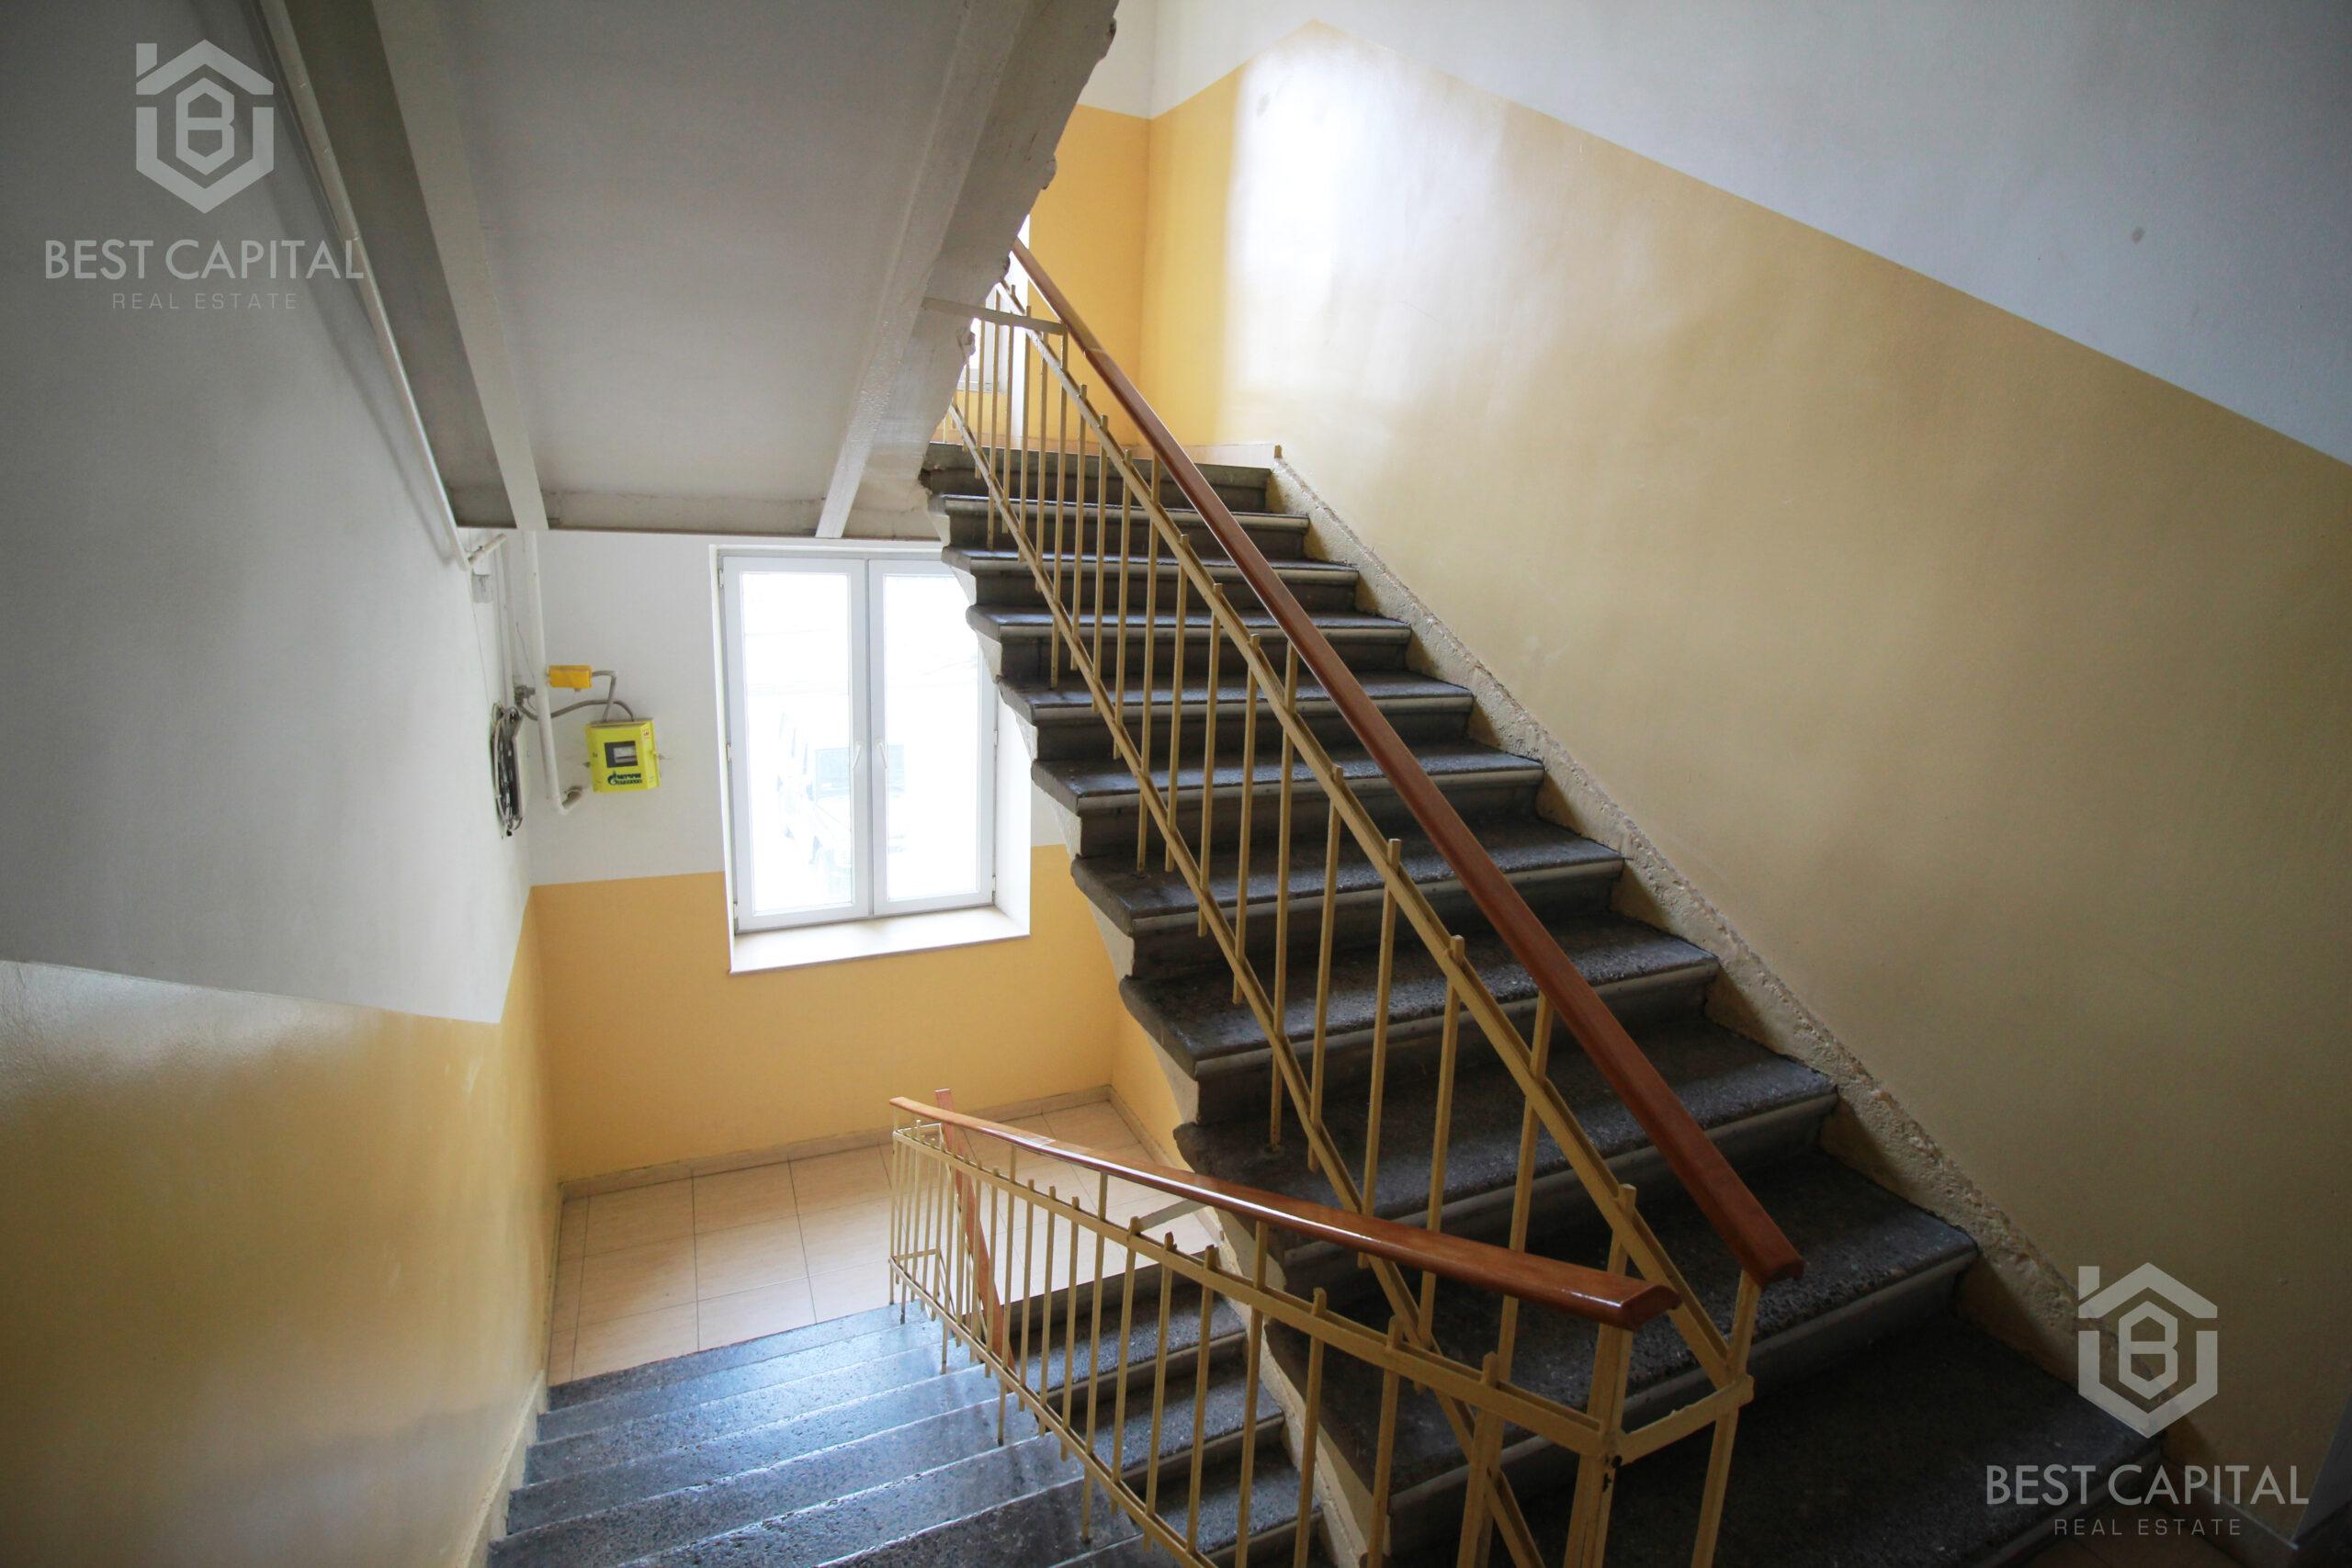 Կապիտալ վերանաորոգված, Գեղեցիկ կահավորված և բաց պատշգամբով բնակարան KN073